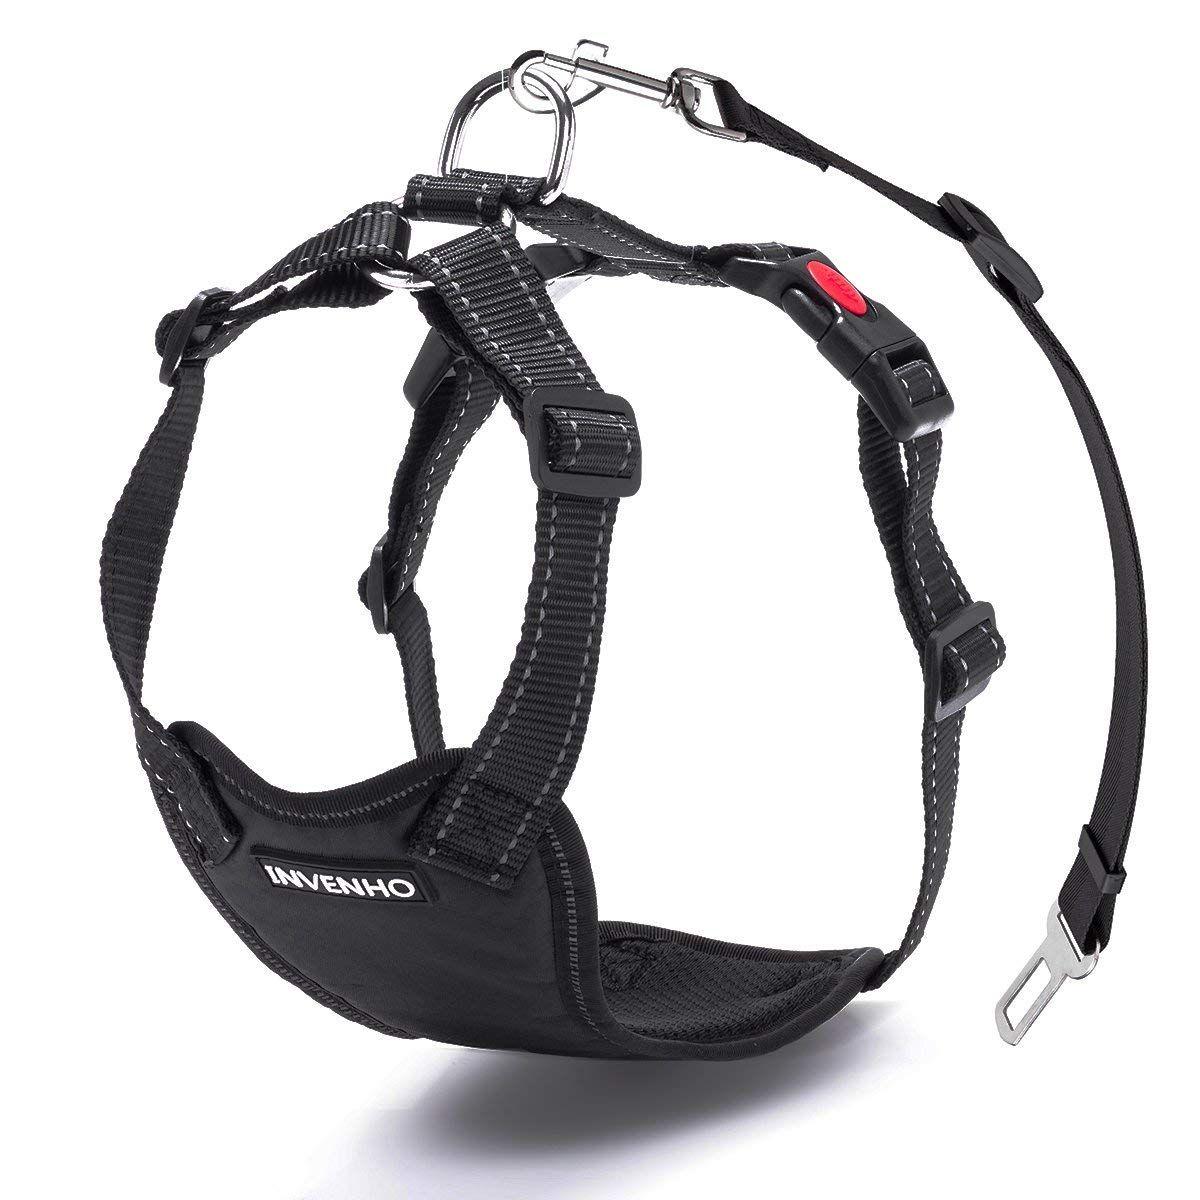 DOGJOG Dog Car Harness Plus Connector Strap Safety Vest